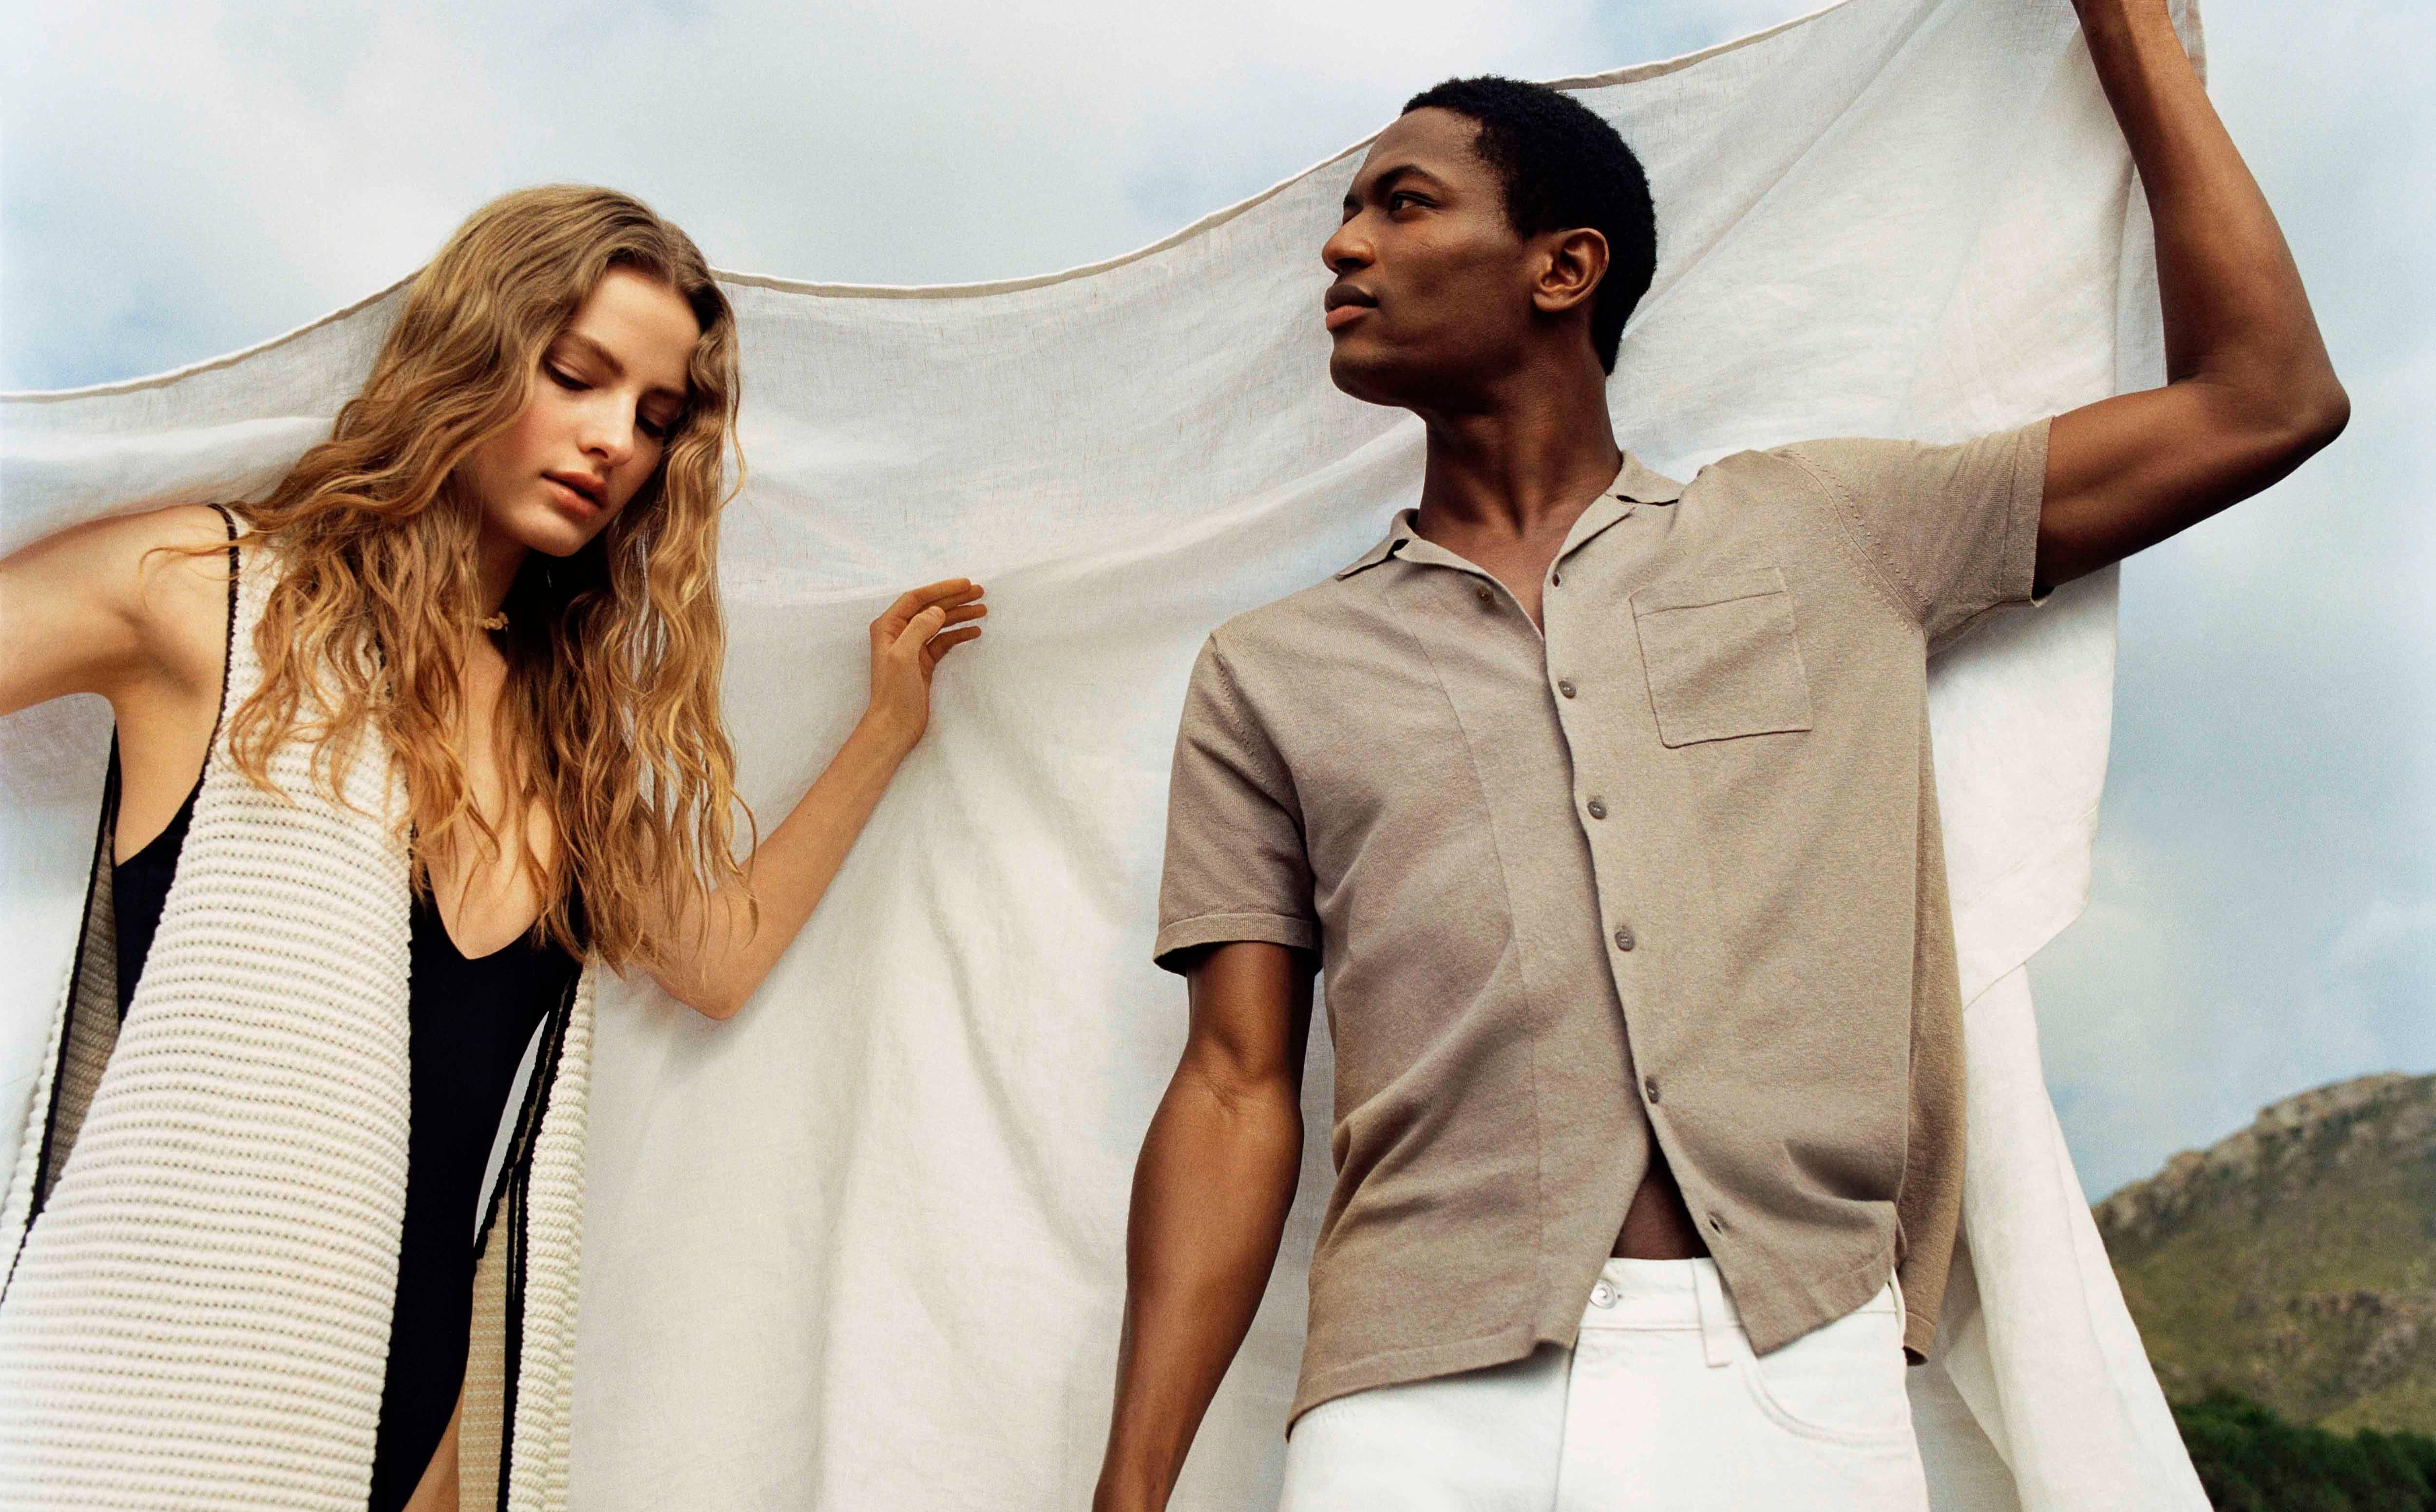 El 79 por ciento de las prendas de Mango tiene características sostenibles